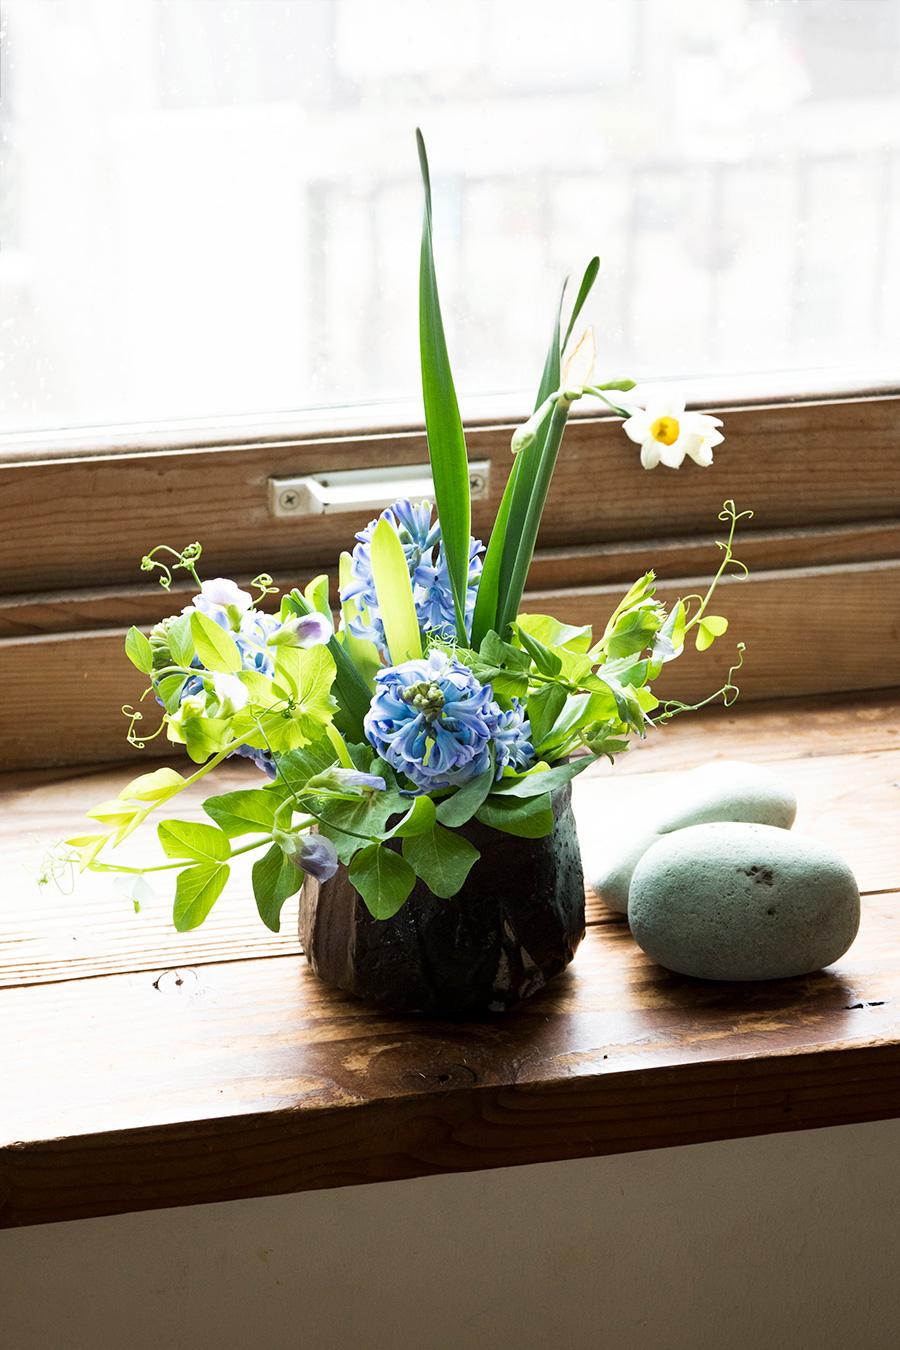 日本水仙、ヒヤシンス、えんどう豆の花で。土から花が咲いたように、春の訪れを感じさせるアレンジ。小ぶりなので、部屋の片隅にさり気なく置いてもなじむ。